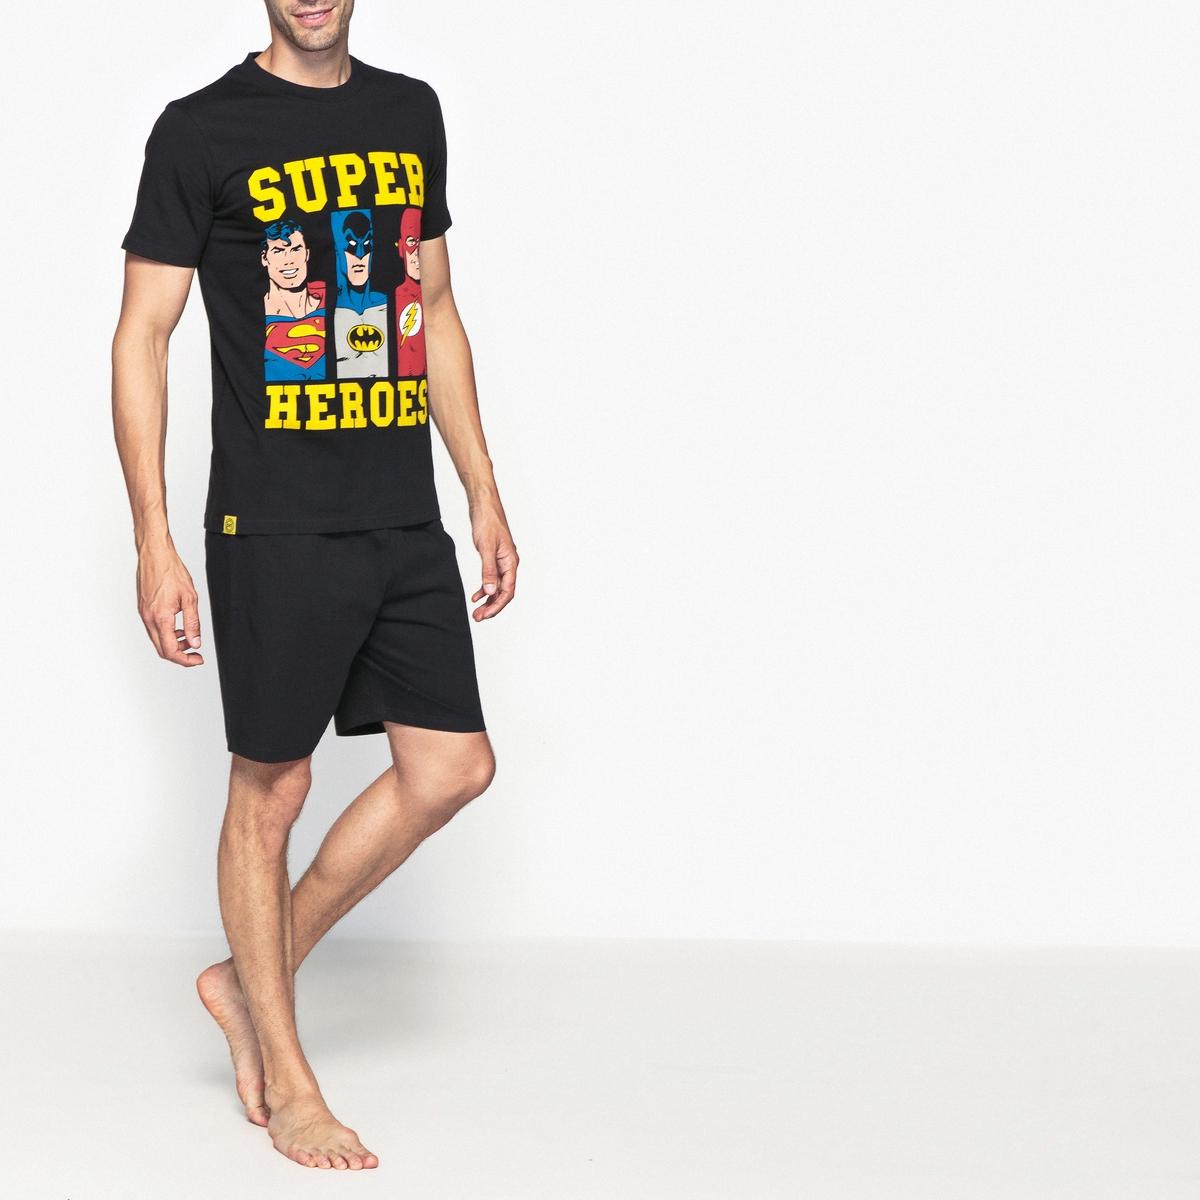 Пижама с шортами, короткие рукава, Super H?rosОписание:Пижама с шортами, верх с короткими рукавами и рисунком спереди DC COMICS.Детали   :Пижама с шортами Supers Heros, короткие рукава.    Футболка с круглым вырезом.Брюки с эластичным поясом.Состав и уход:100% хлопокМашинная стирка при 30°<br><br>Цвет: черный<br>Размер: L